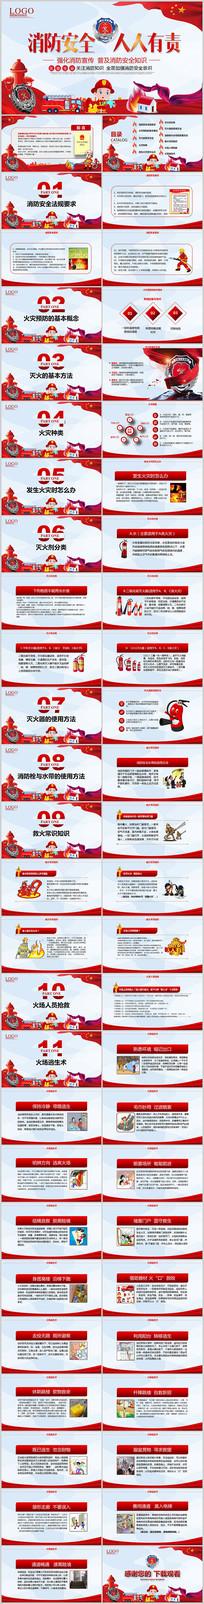 企业消防安全教育培训PPT